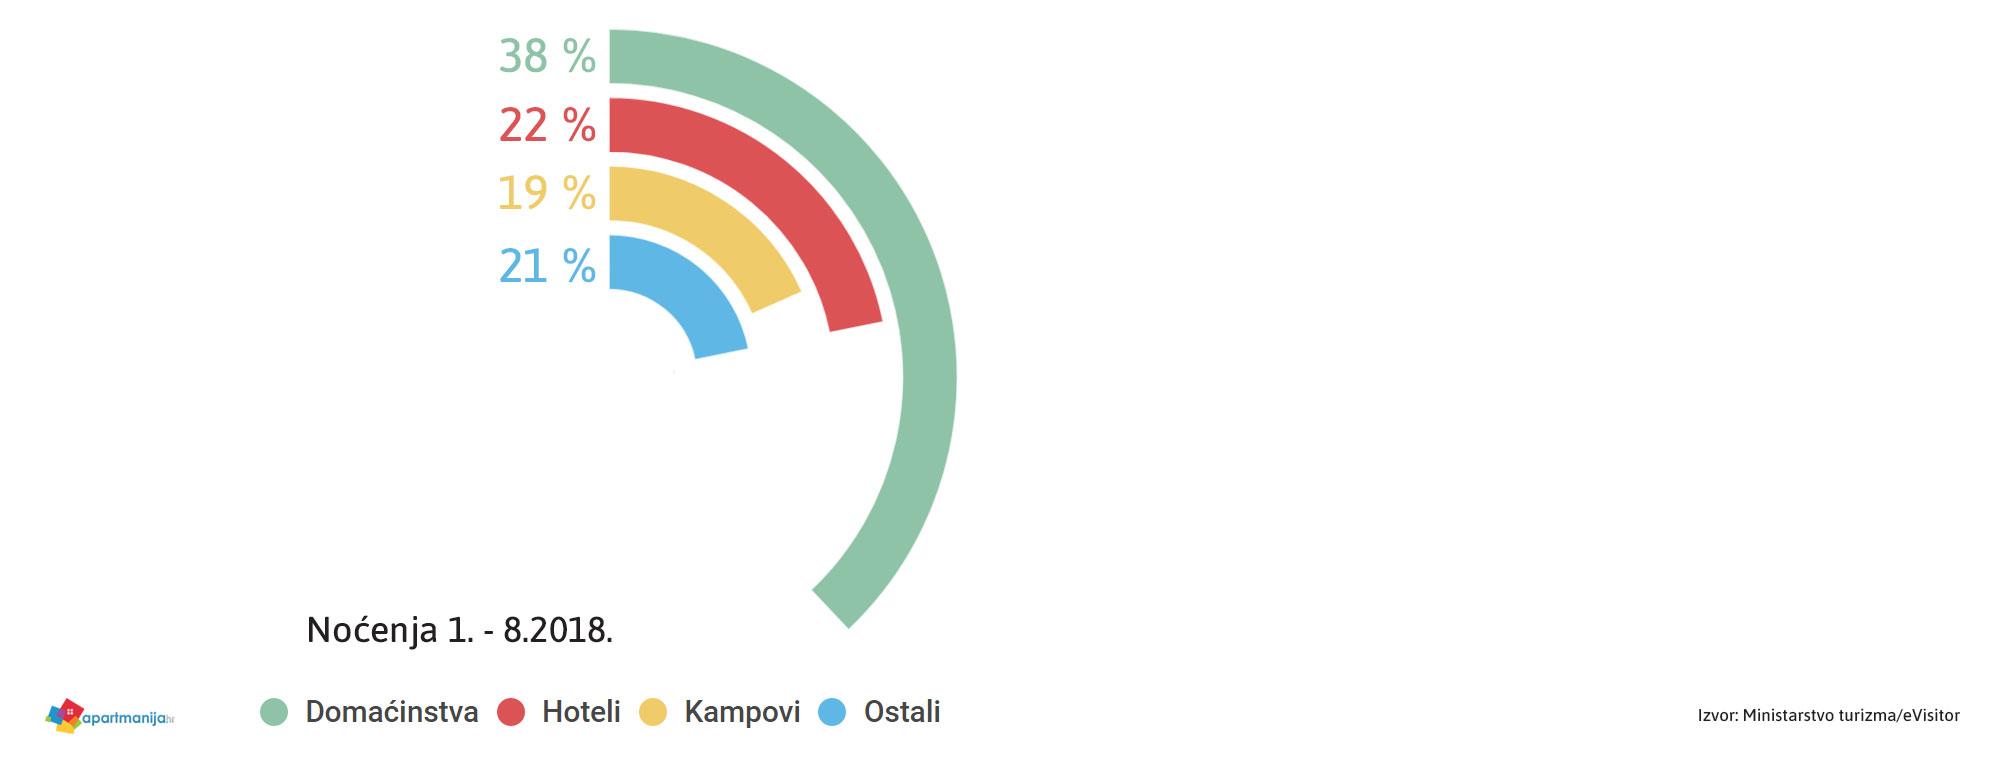 Najviše noćenja u obiteljskom smještaju u prvih osam mjeseci ove godine - infografika